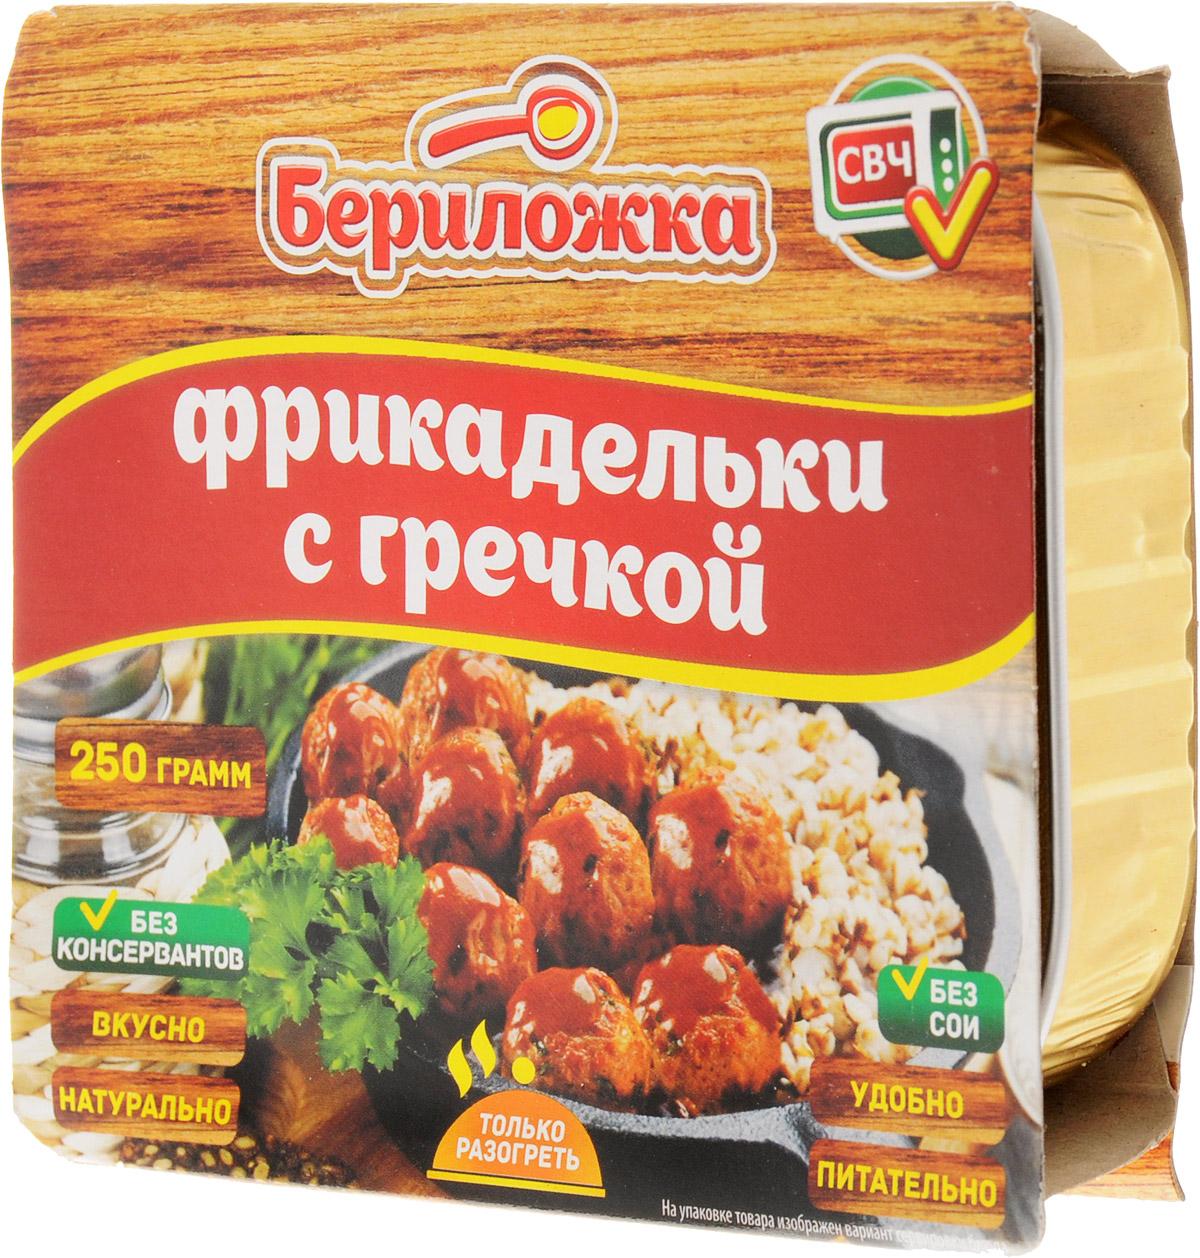 Бериложка фрикадельки с гречкой, 250 г5361Фрикадельки с гречкой Бериложка - стерилизованные мясорастительные консервы. Вкусно, натурально, удобно и питательно.Без консервантов, без сои. Продукт не содержит ГМО!Уважаемые клиенты! Обращаем ваше внимание, что полный перечень состава продукта представлен на дополнительном изображении.